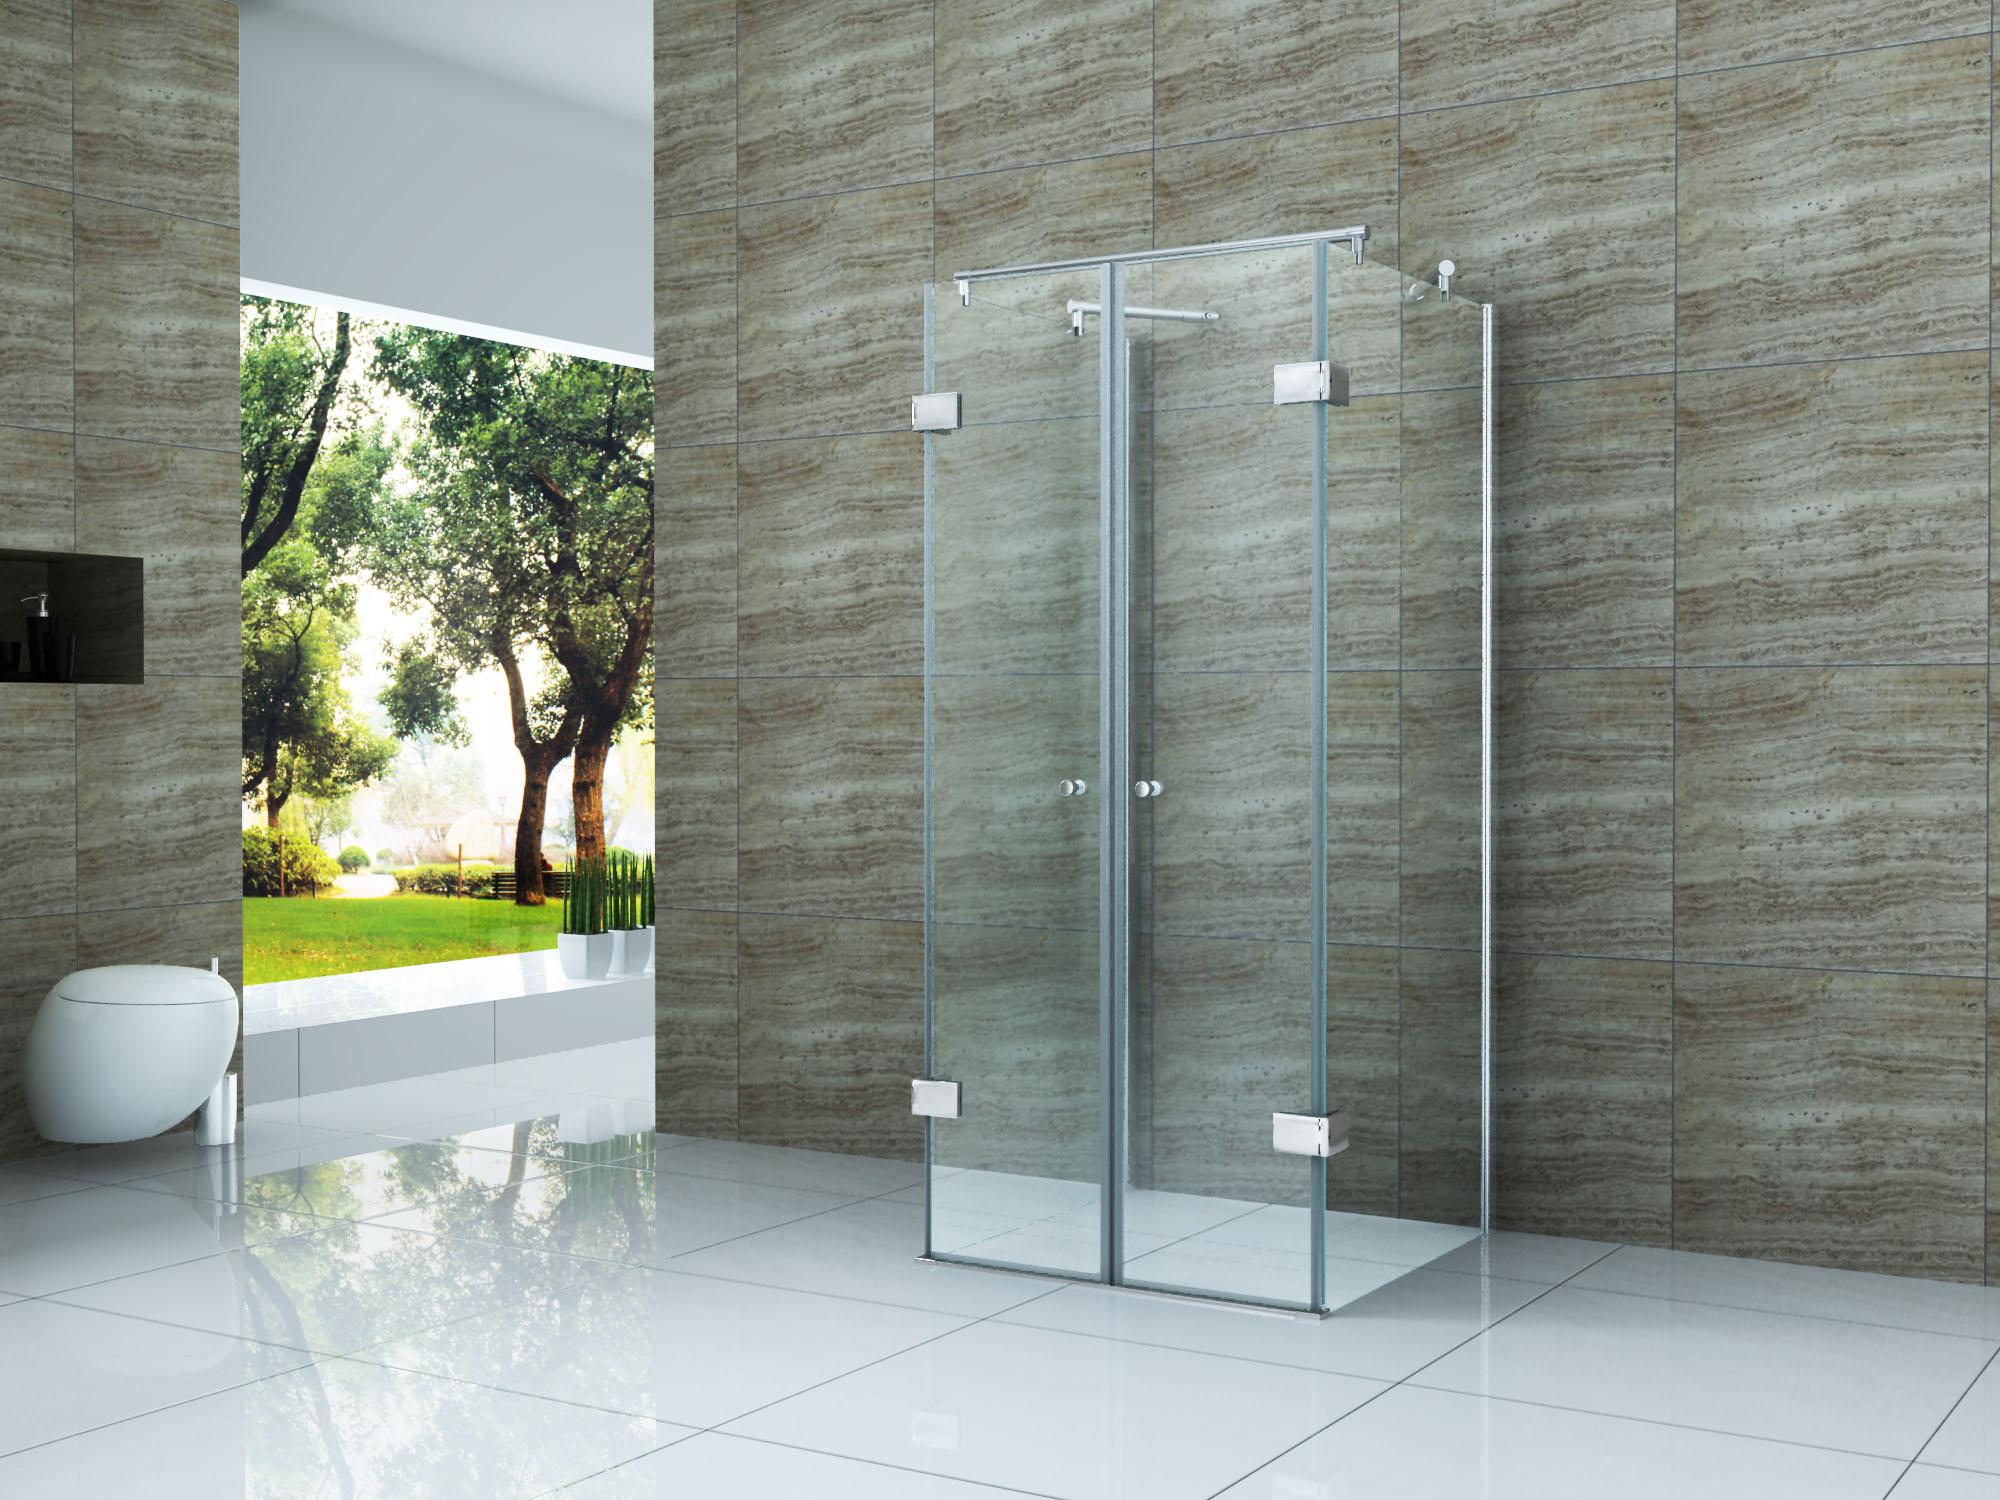 isola 90 x 90 x 180 cm u form dusche glas duschkabine duschabtrennung runddusche ebay